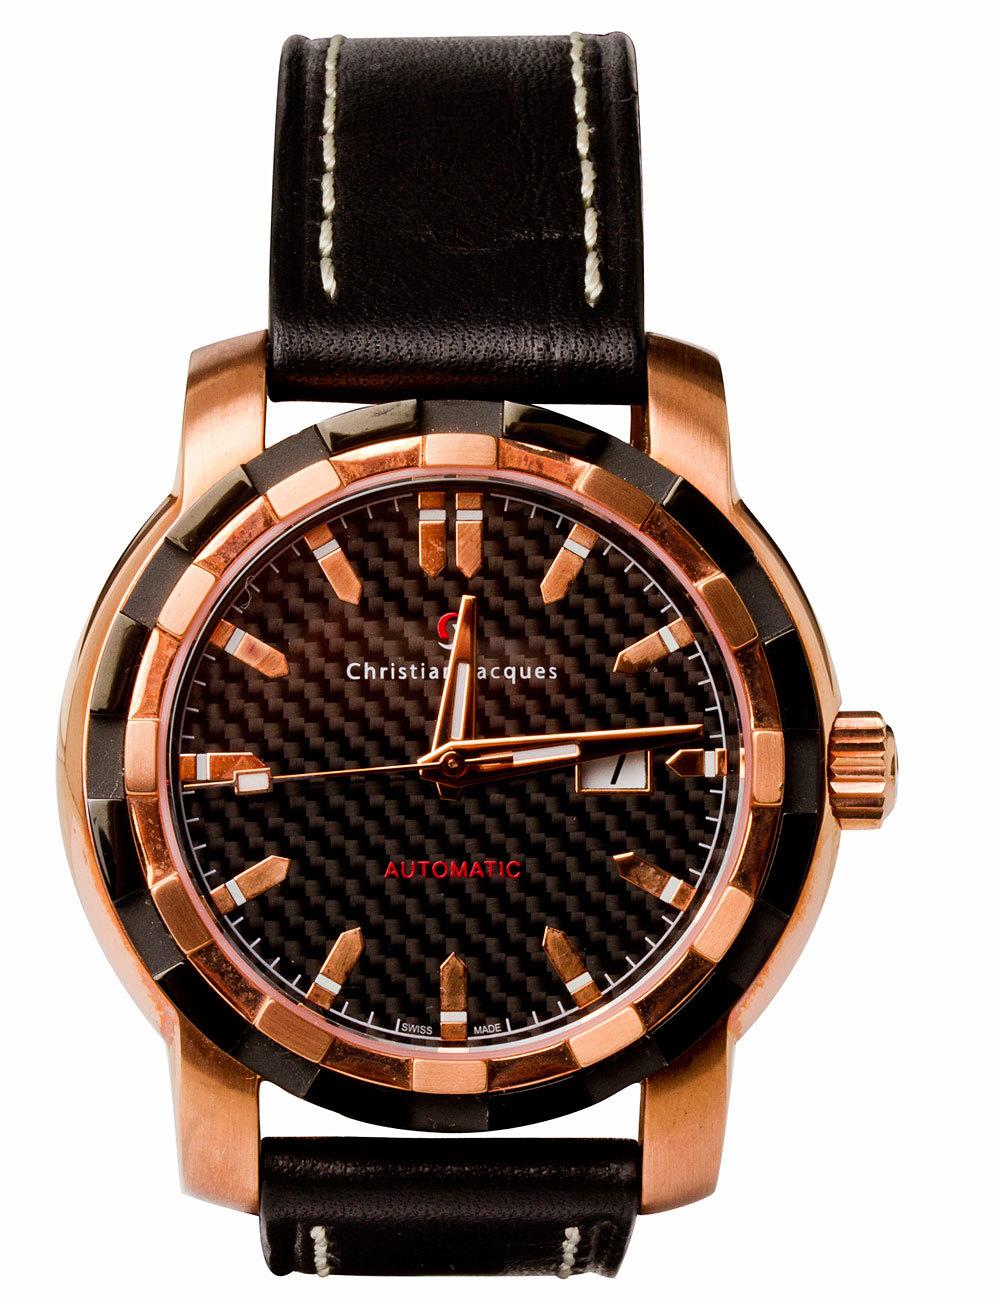 Часы мужские Christian Jacques EX2553 Aviator, Explorator, Virtus